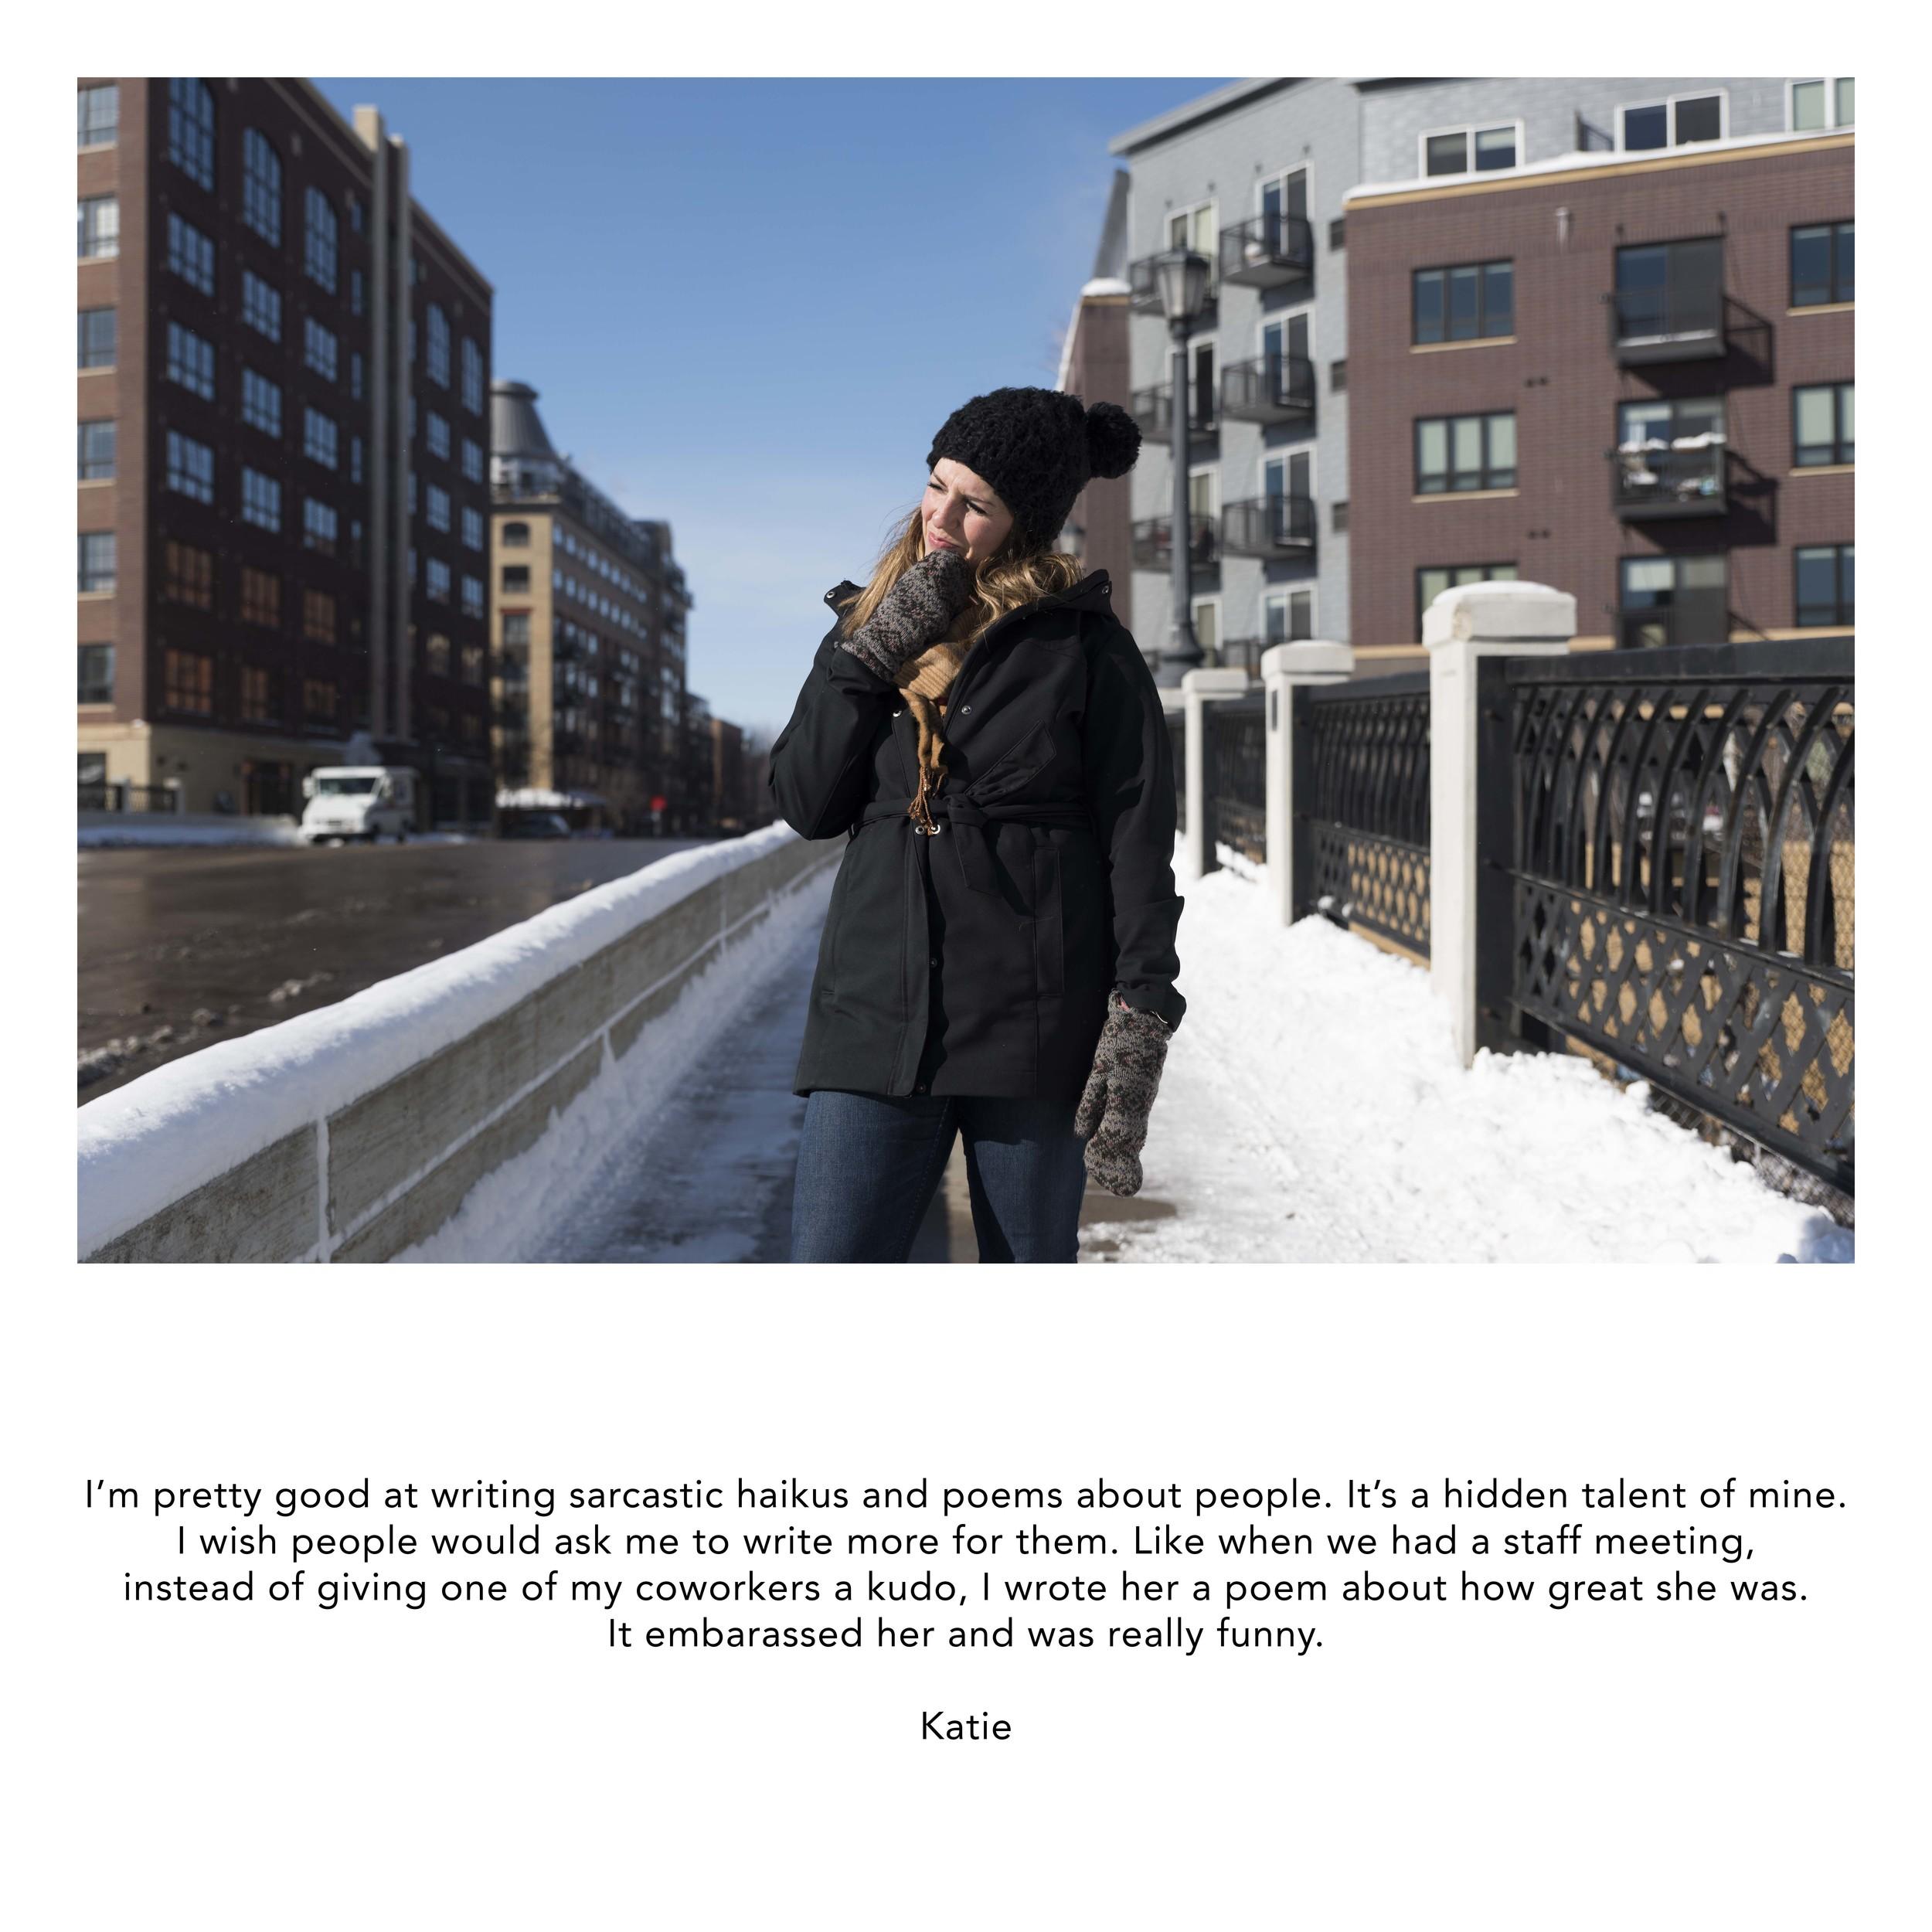 006-Katie.jpg